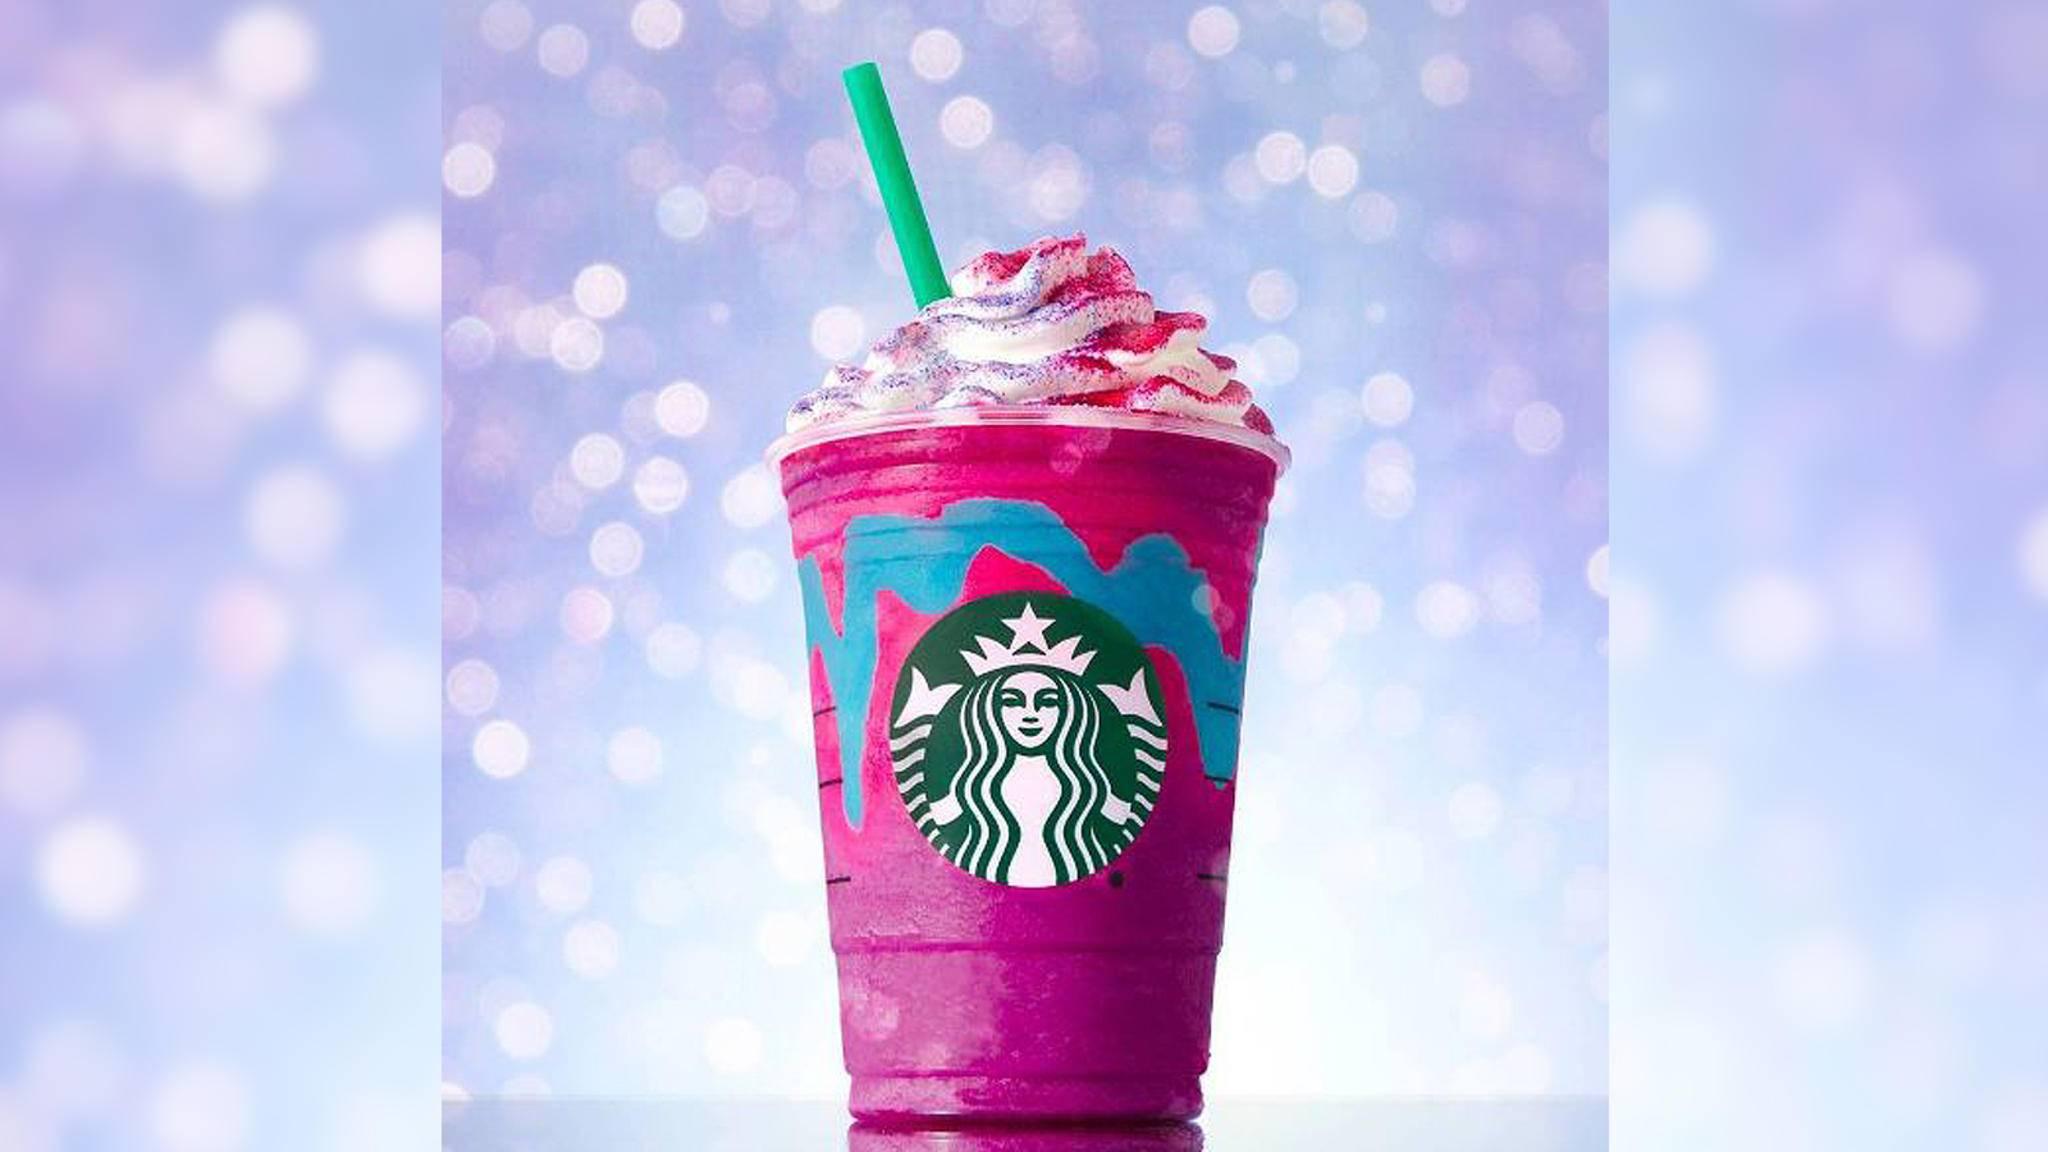 Der Einhorn-Frappuccino sorgt derzeit für Begeisterung bei den Kunden von Starbucks.